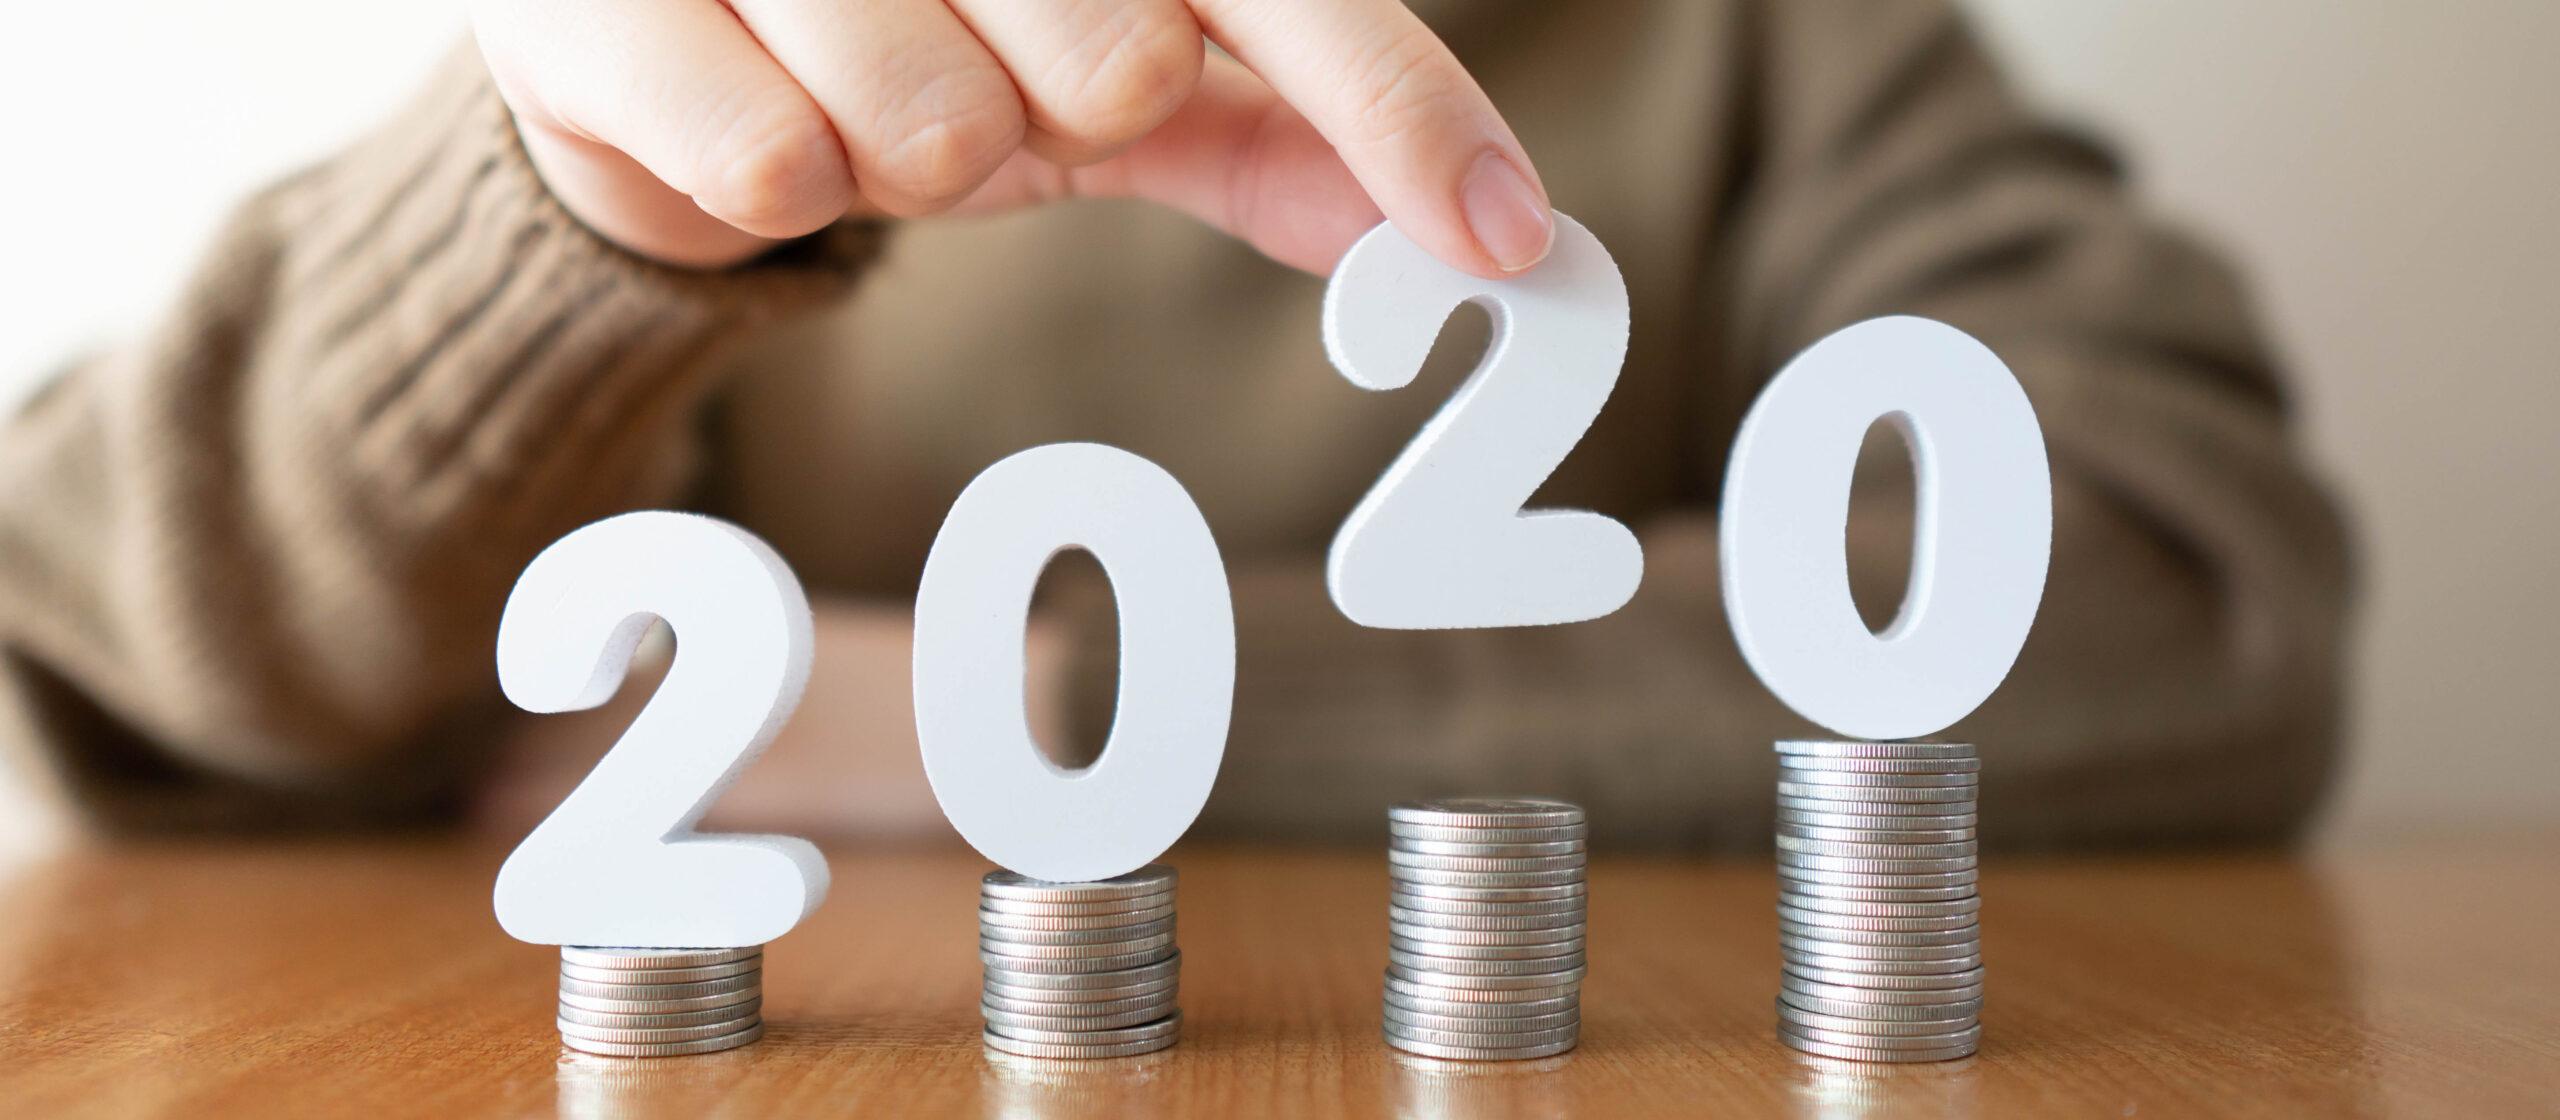 ¿Se mantiene los plazos para presentar autoliquidaciones como el IVA? ¿Qué pasa con las deudas tributarias en apremio?